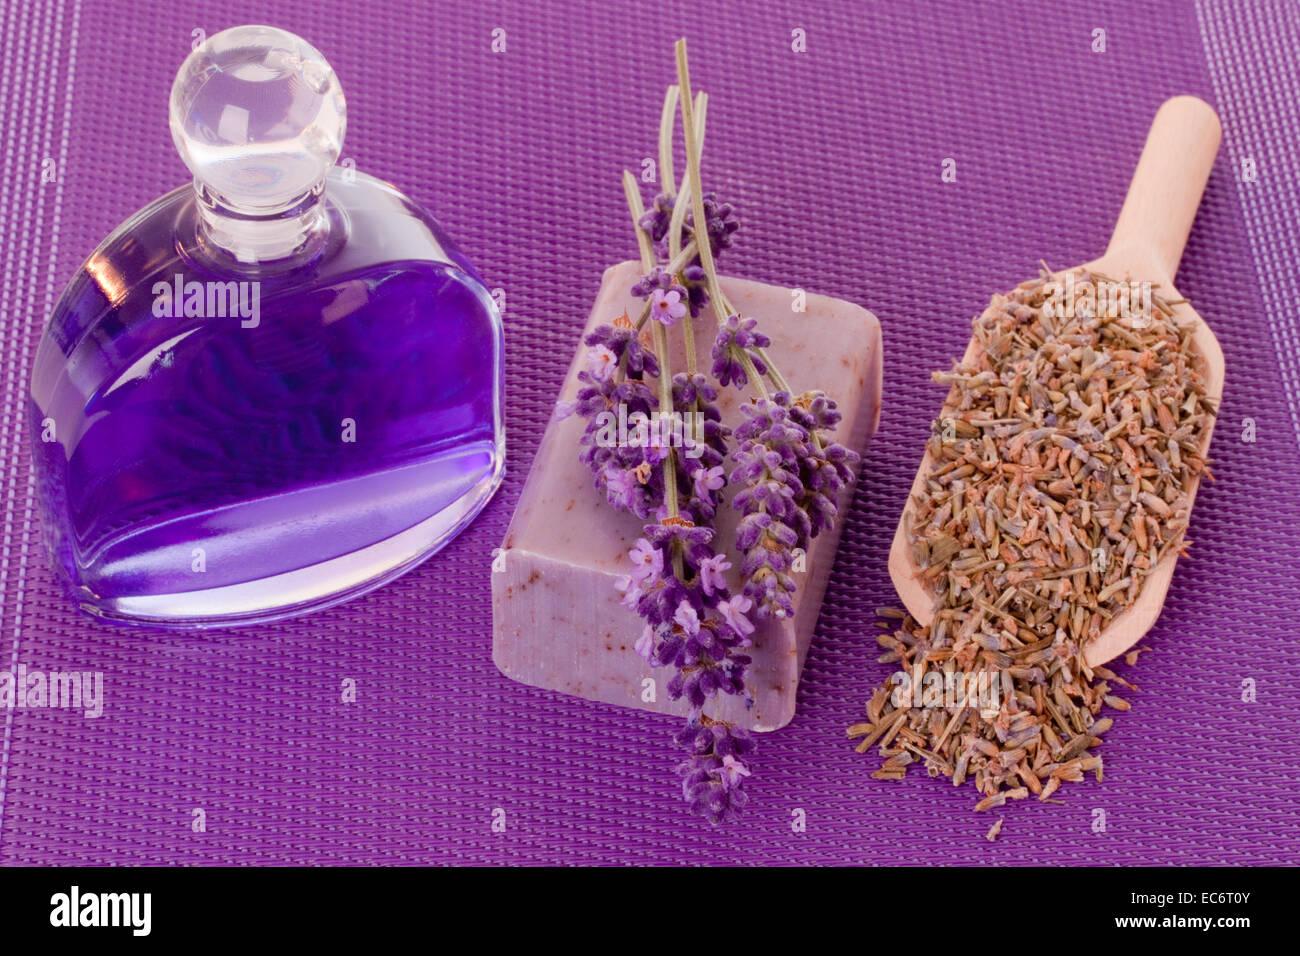 Badezusatz und Seife mit Lavendel auf lila Hintergrund Stockbild